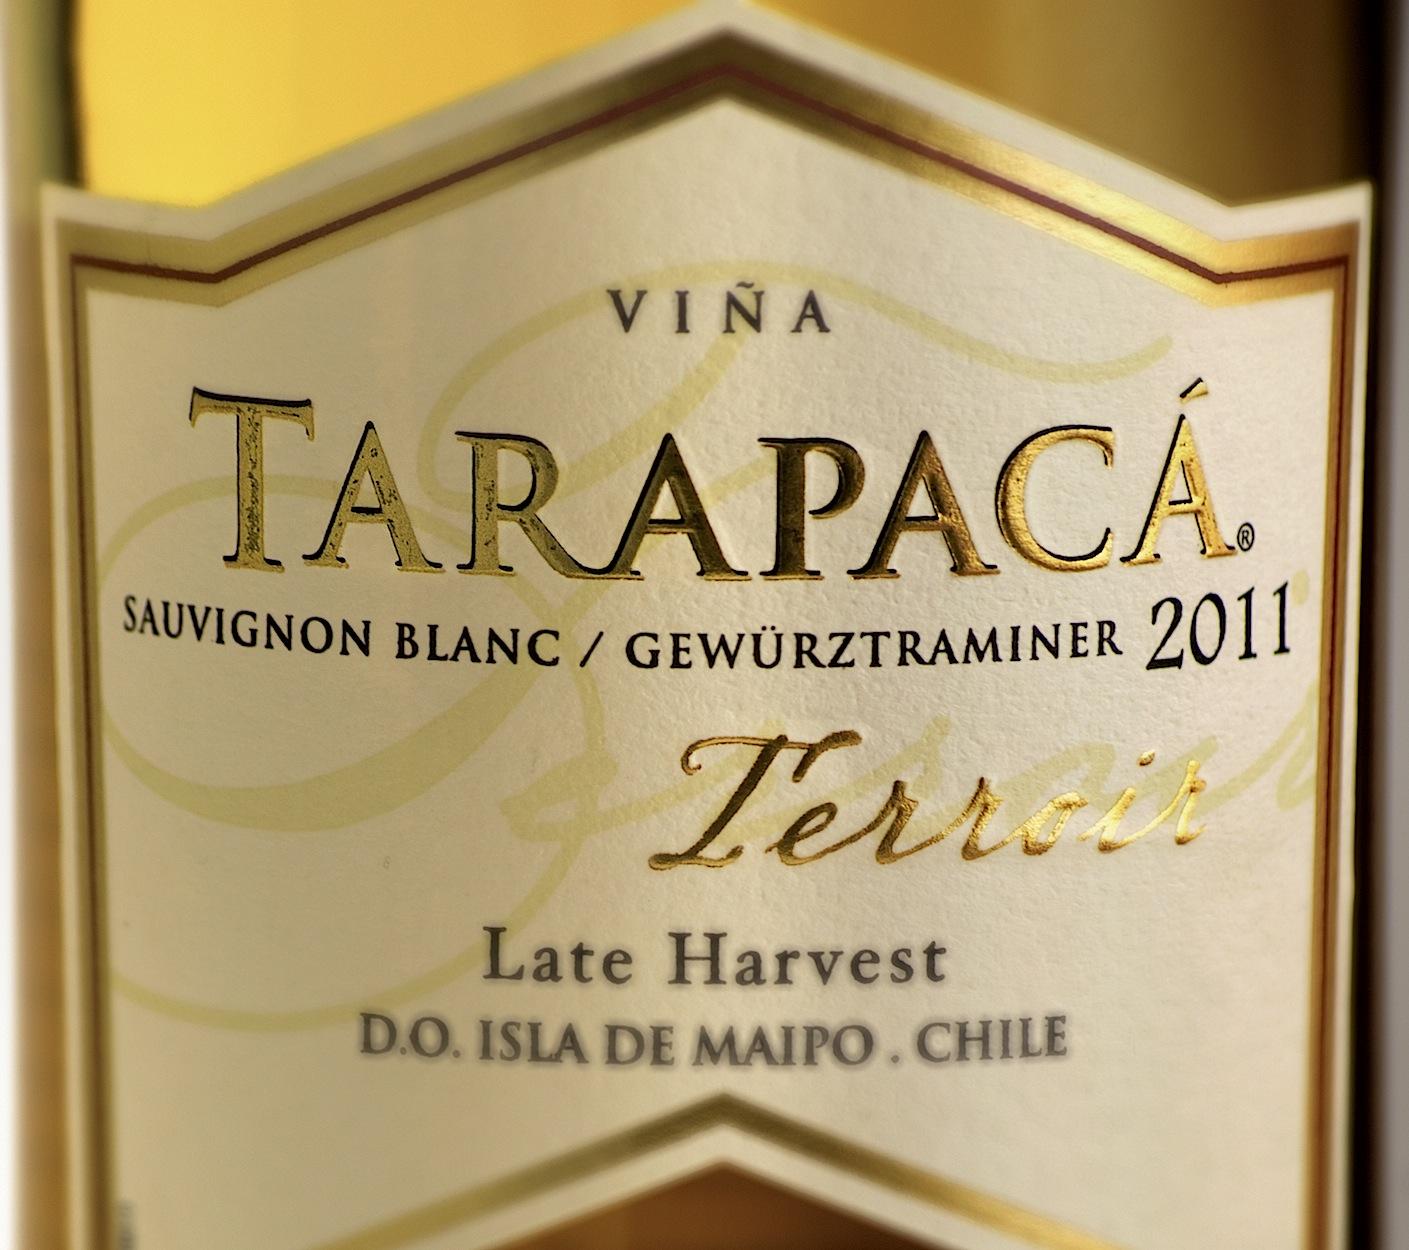 Tarapaca 1.jpg